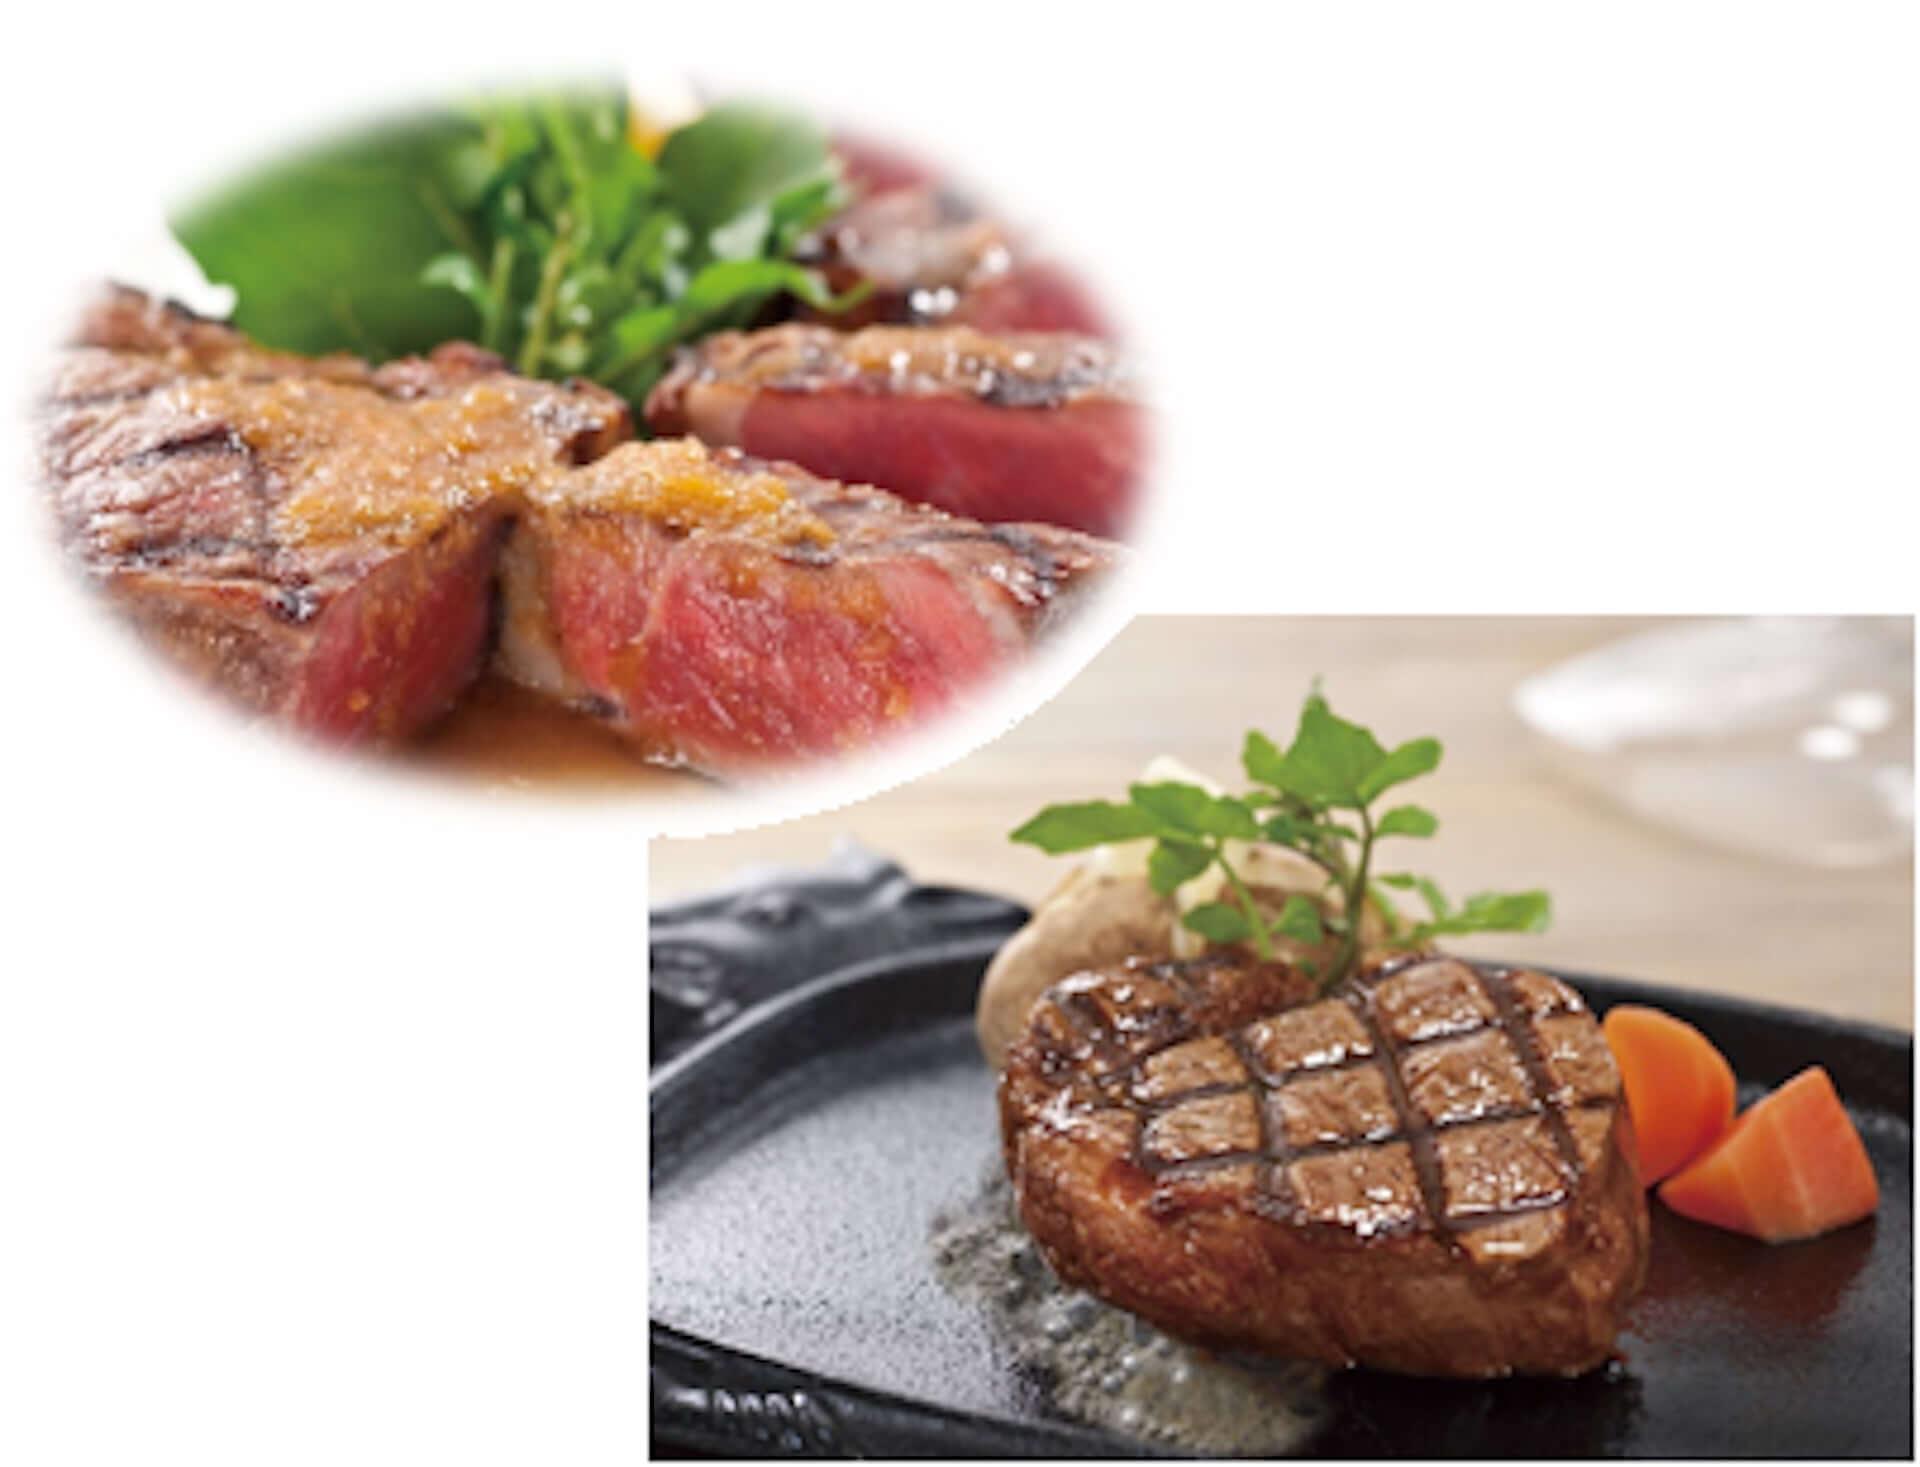 おうちでステーキ!フォルクスのテイクアウトメニューが大幅に拡大|Web注文で店舗受取&時間指定も可能に gourmet200525_steak_takeout_1-1920x1467